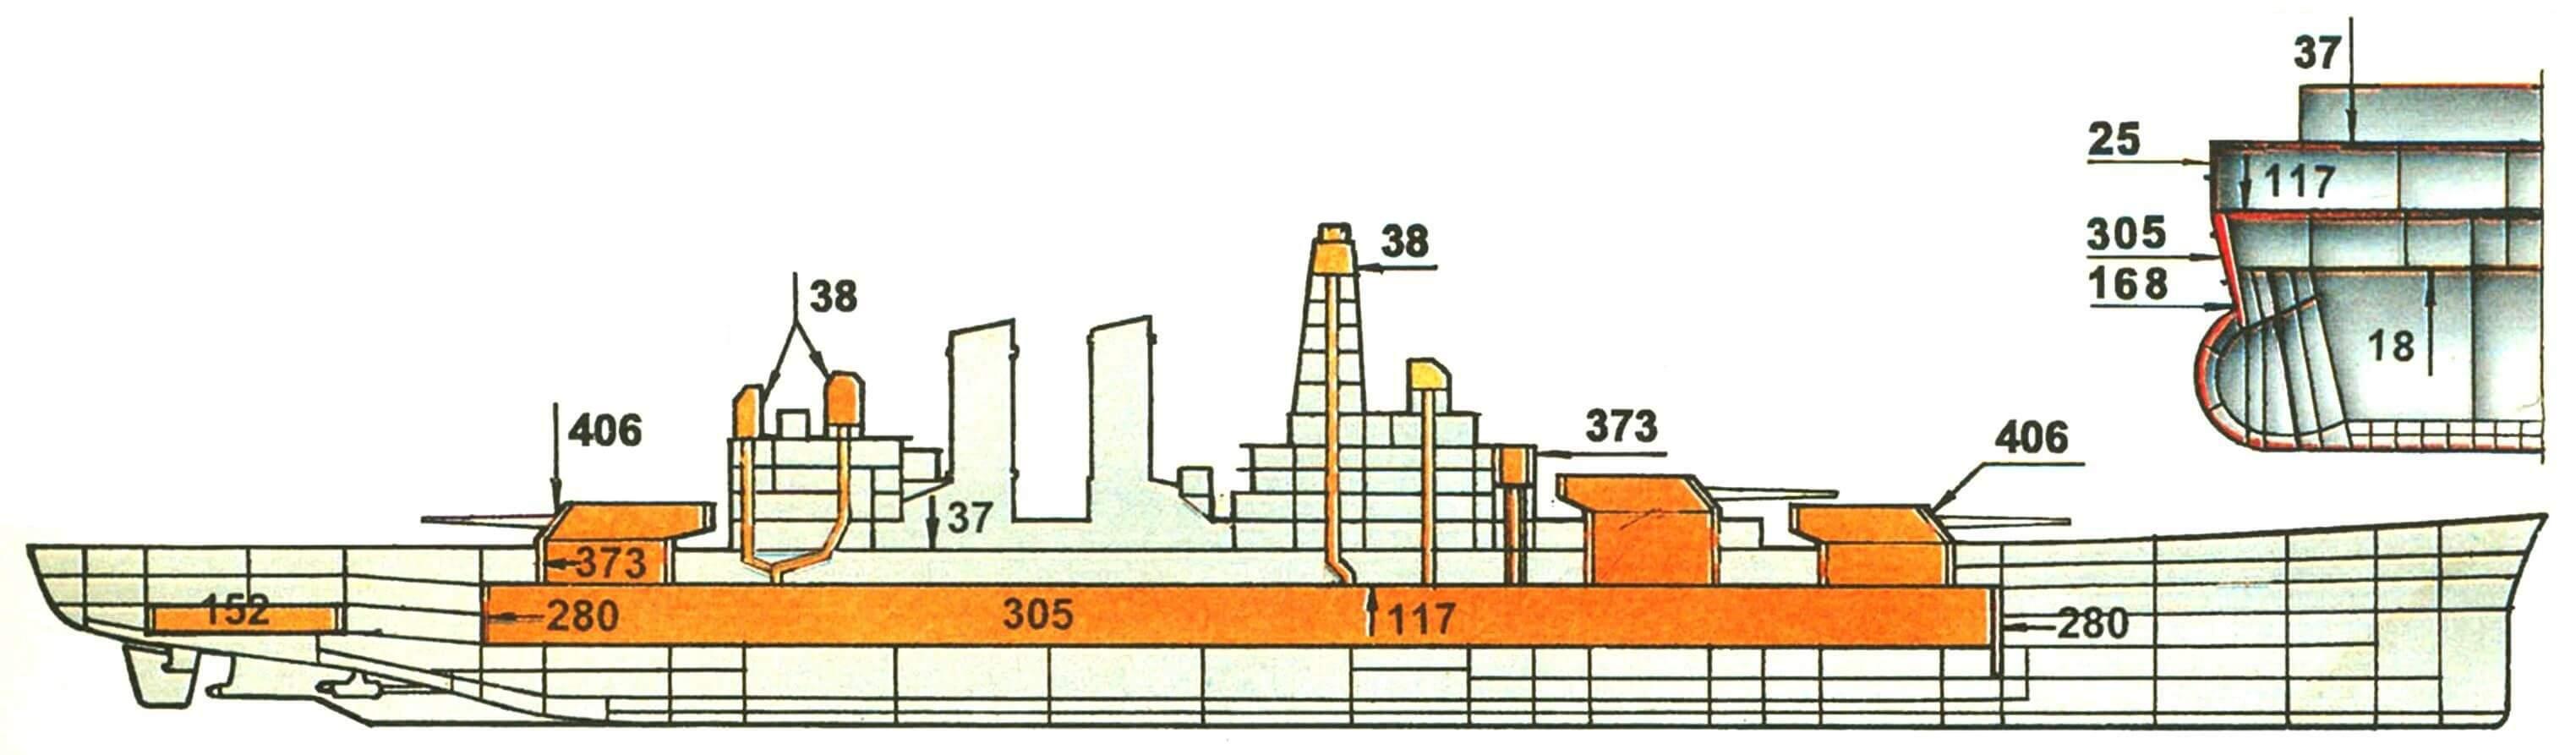 Схема бронирования и сечение по миделю линкора «НОРТ КЭРОЛАЙН» (США, 1941 г.)